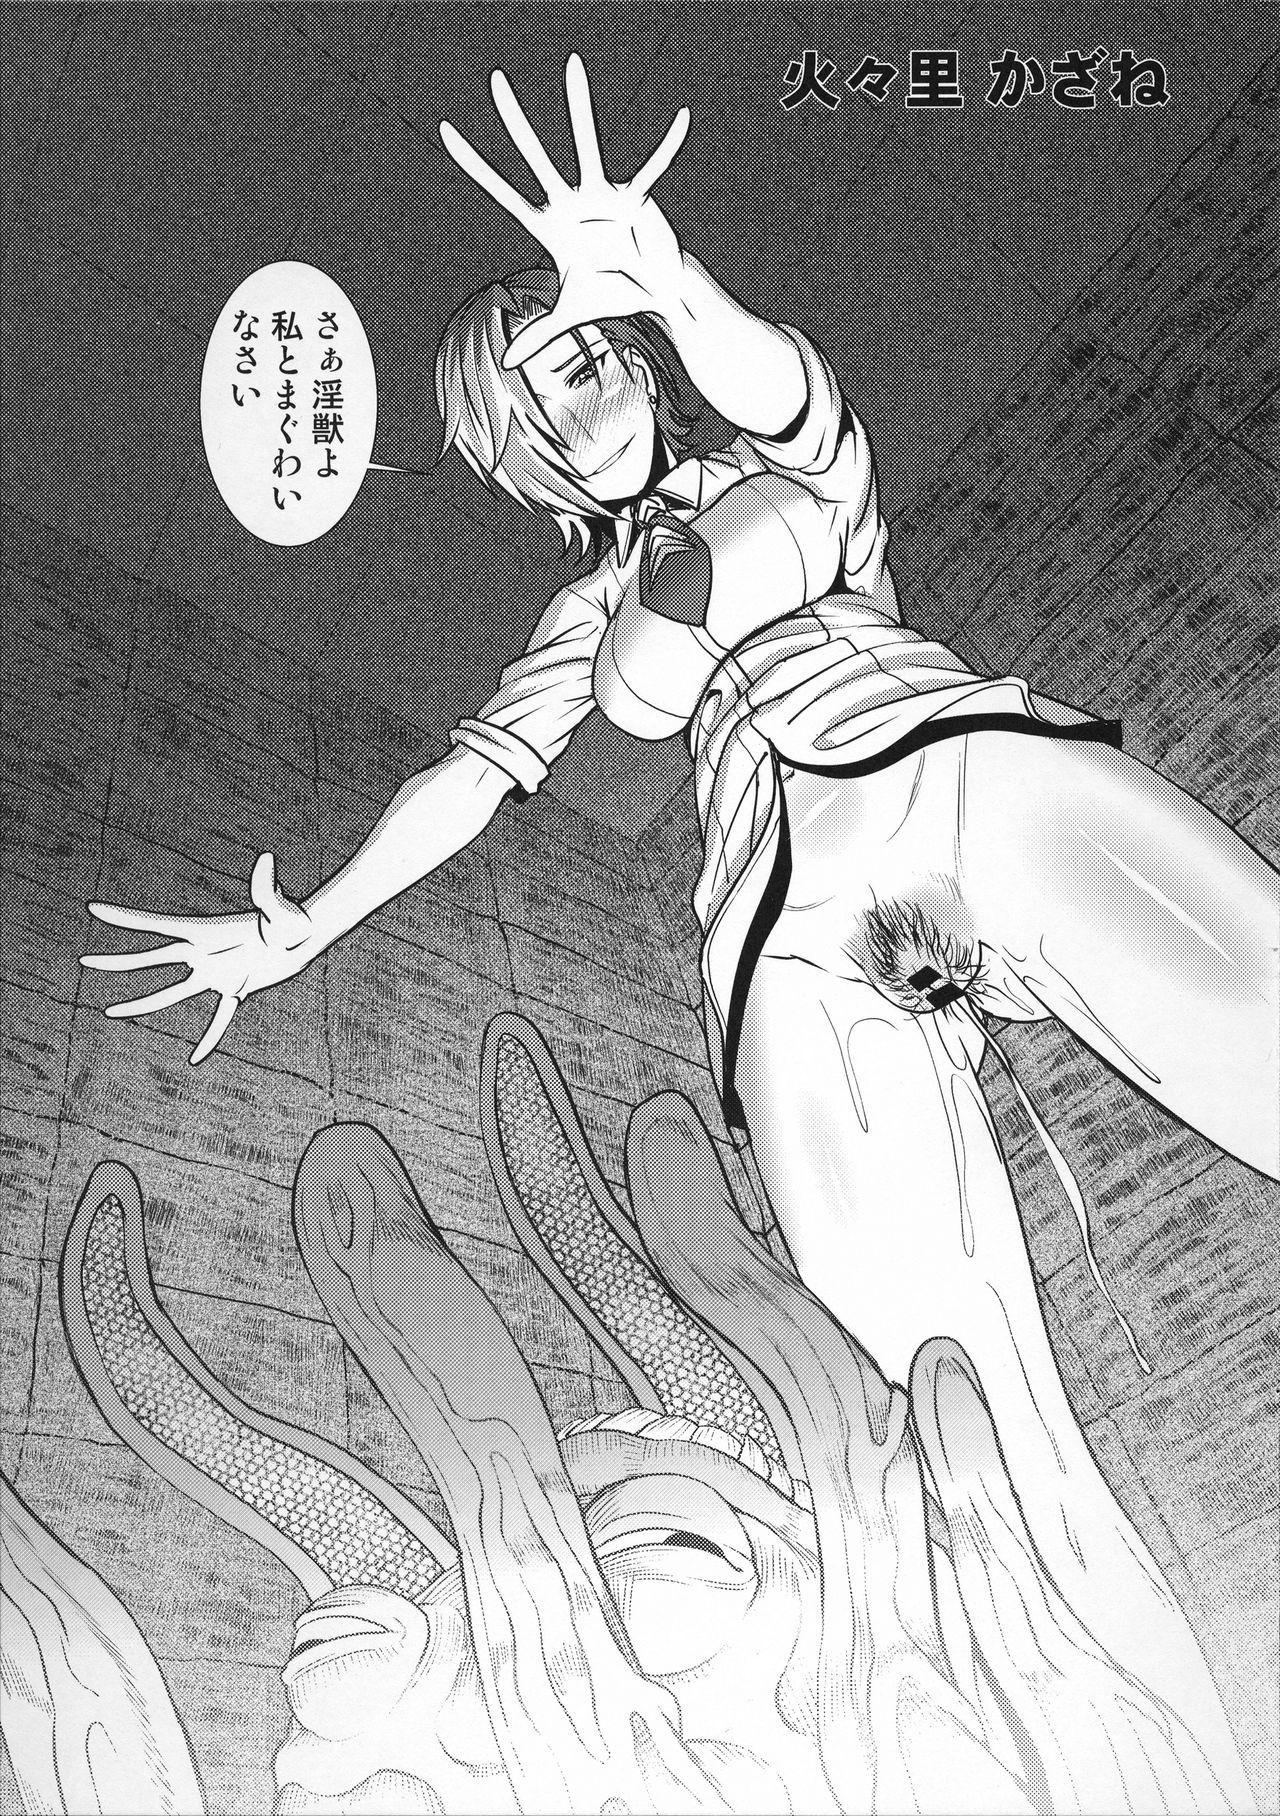 Kaijou Genteibon Ore ga Yokujou Shita Onna-tachi 1